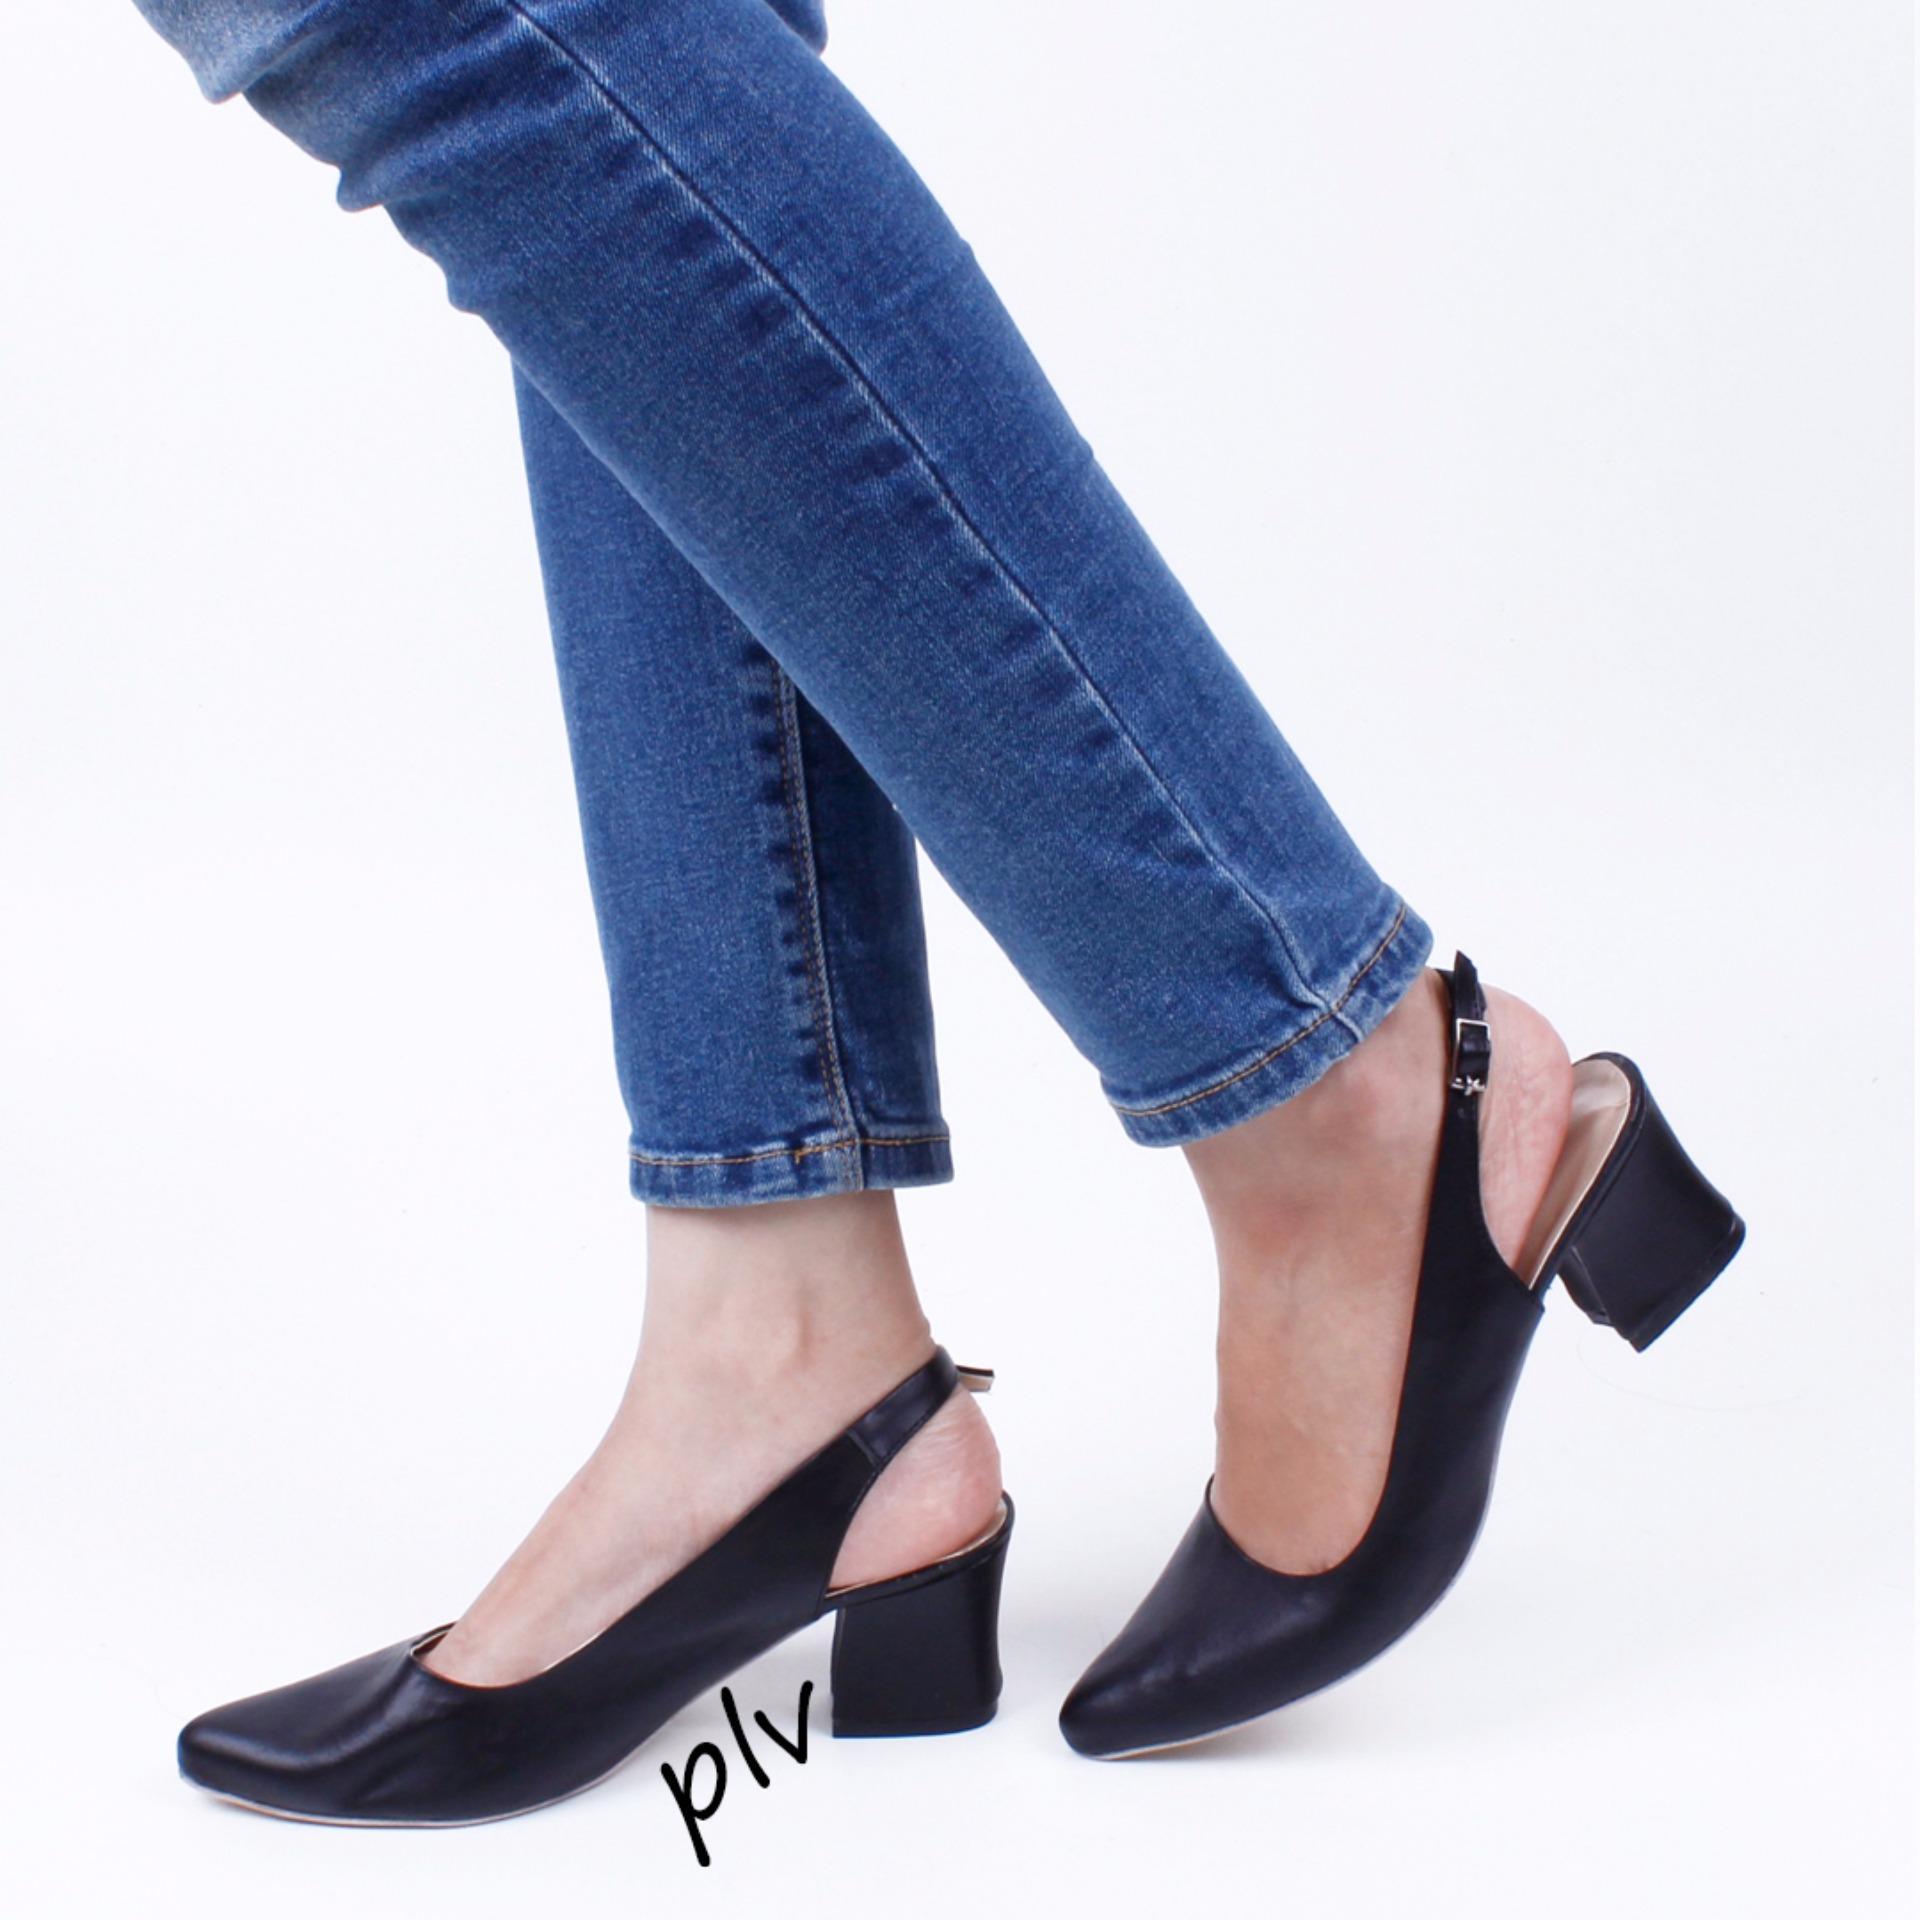 Open Toe T Strap Block Mid Heel Sandals Kn01. Source. Source .